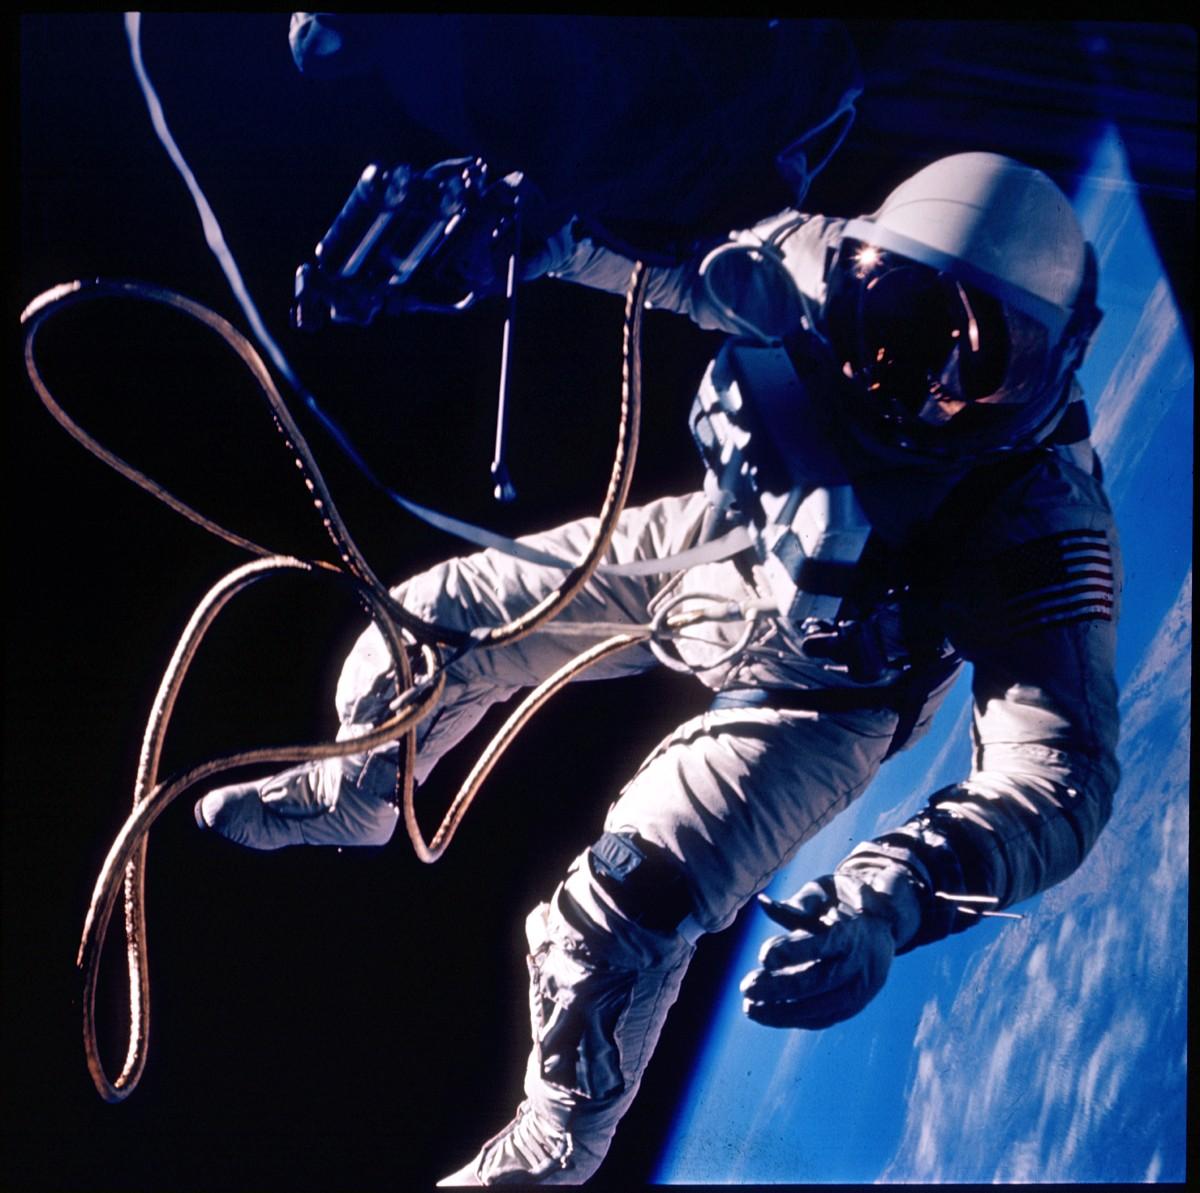 APOD: 2005 June 4 - First US Spacewalk